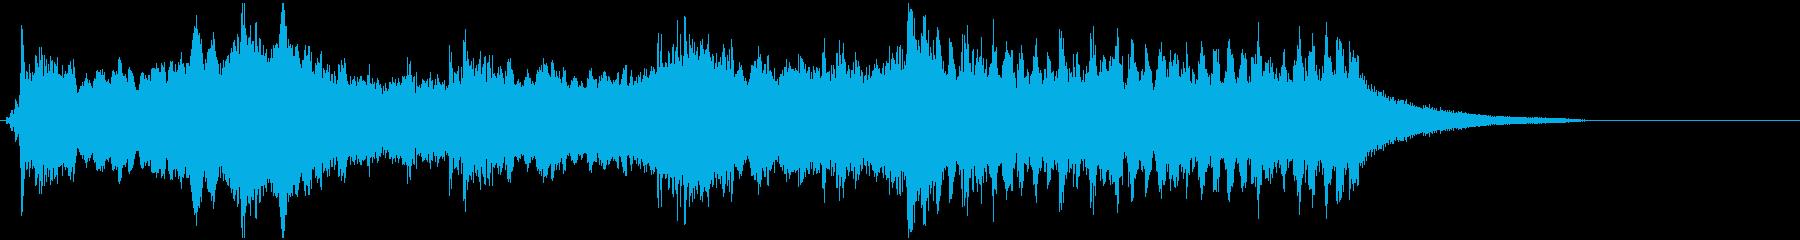 オープニングジングルその2の再生済みの波形